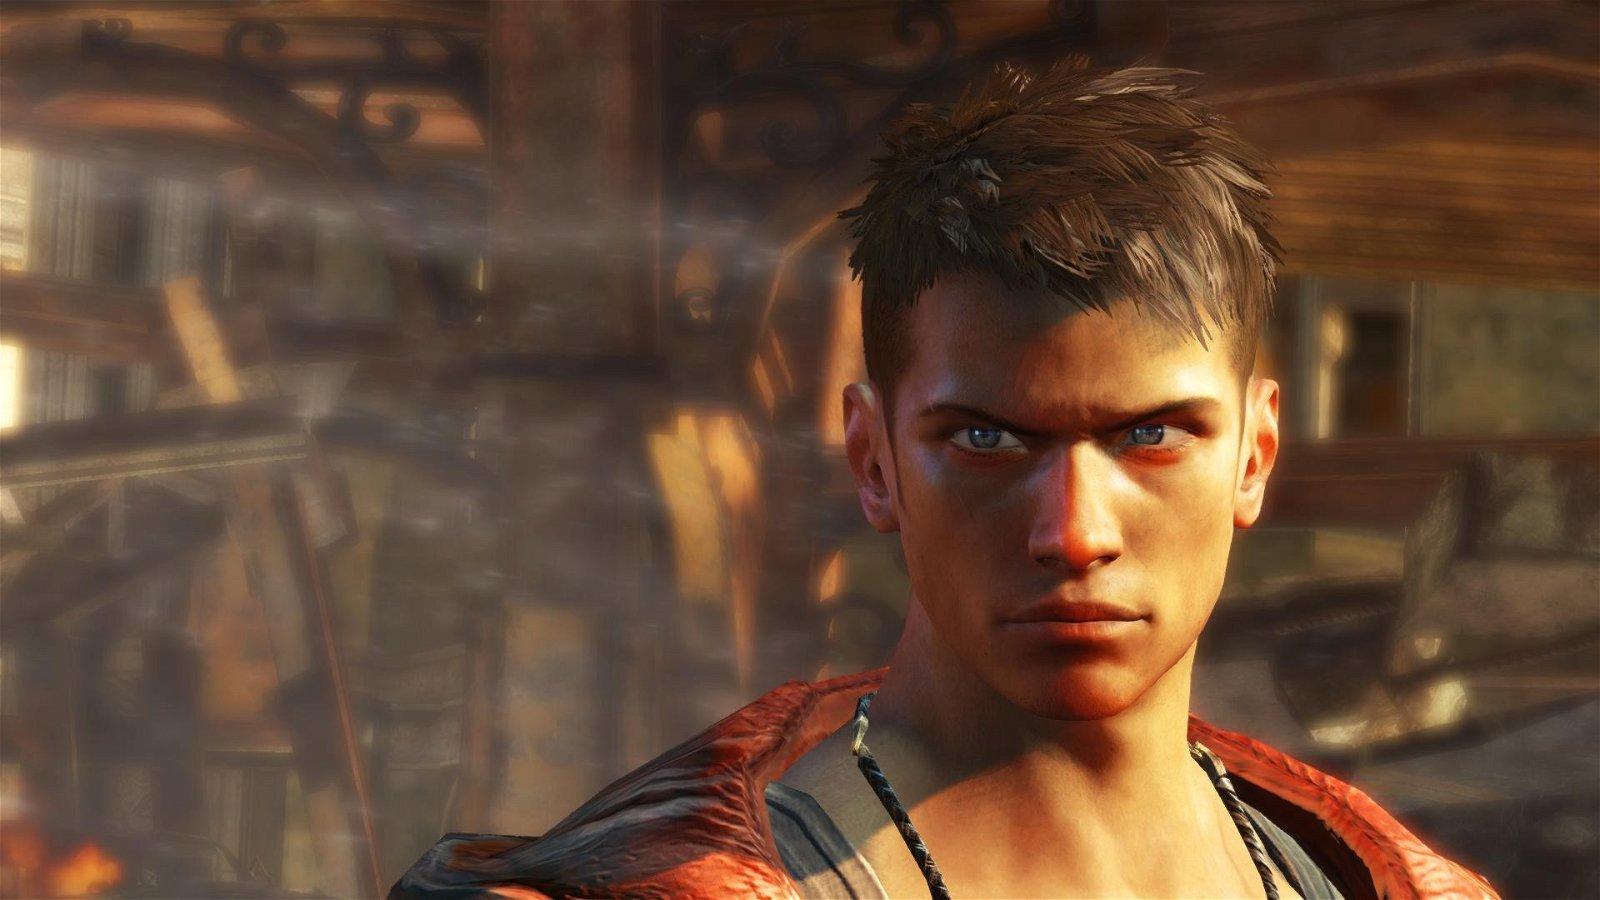 Los peores personajes protagonistas de los videojuegos